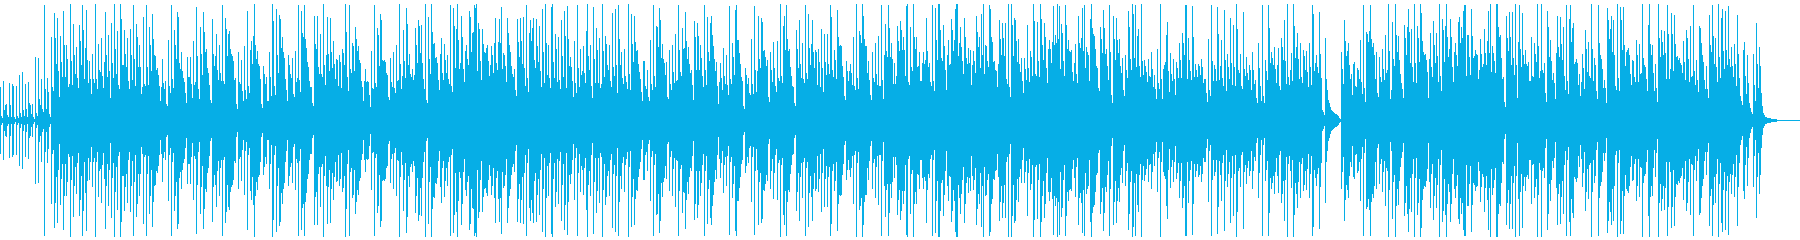 やさしい・のんびり・ギター(メロあり)の再生済みの波形